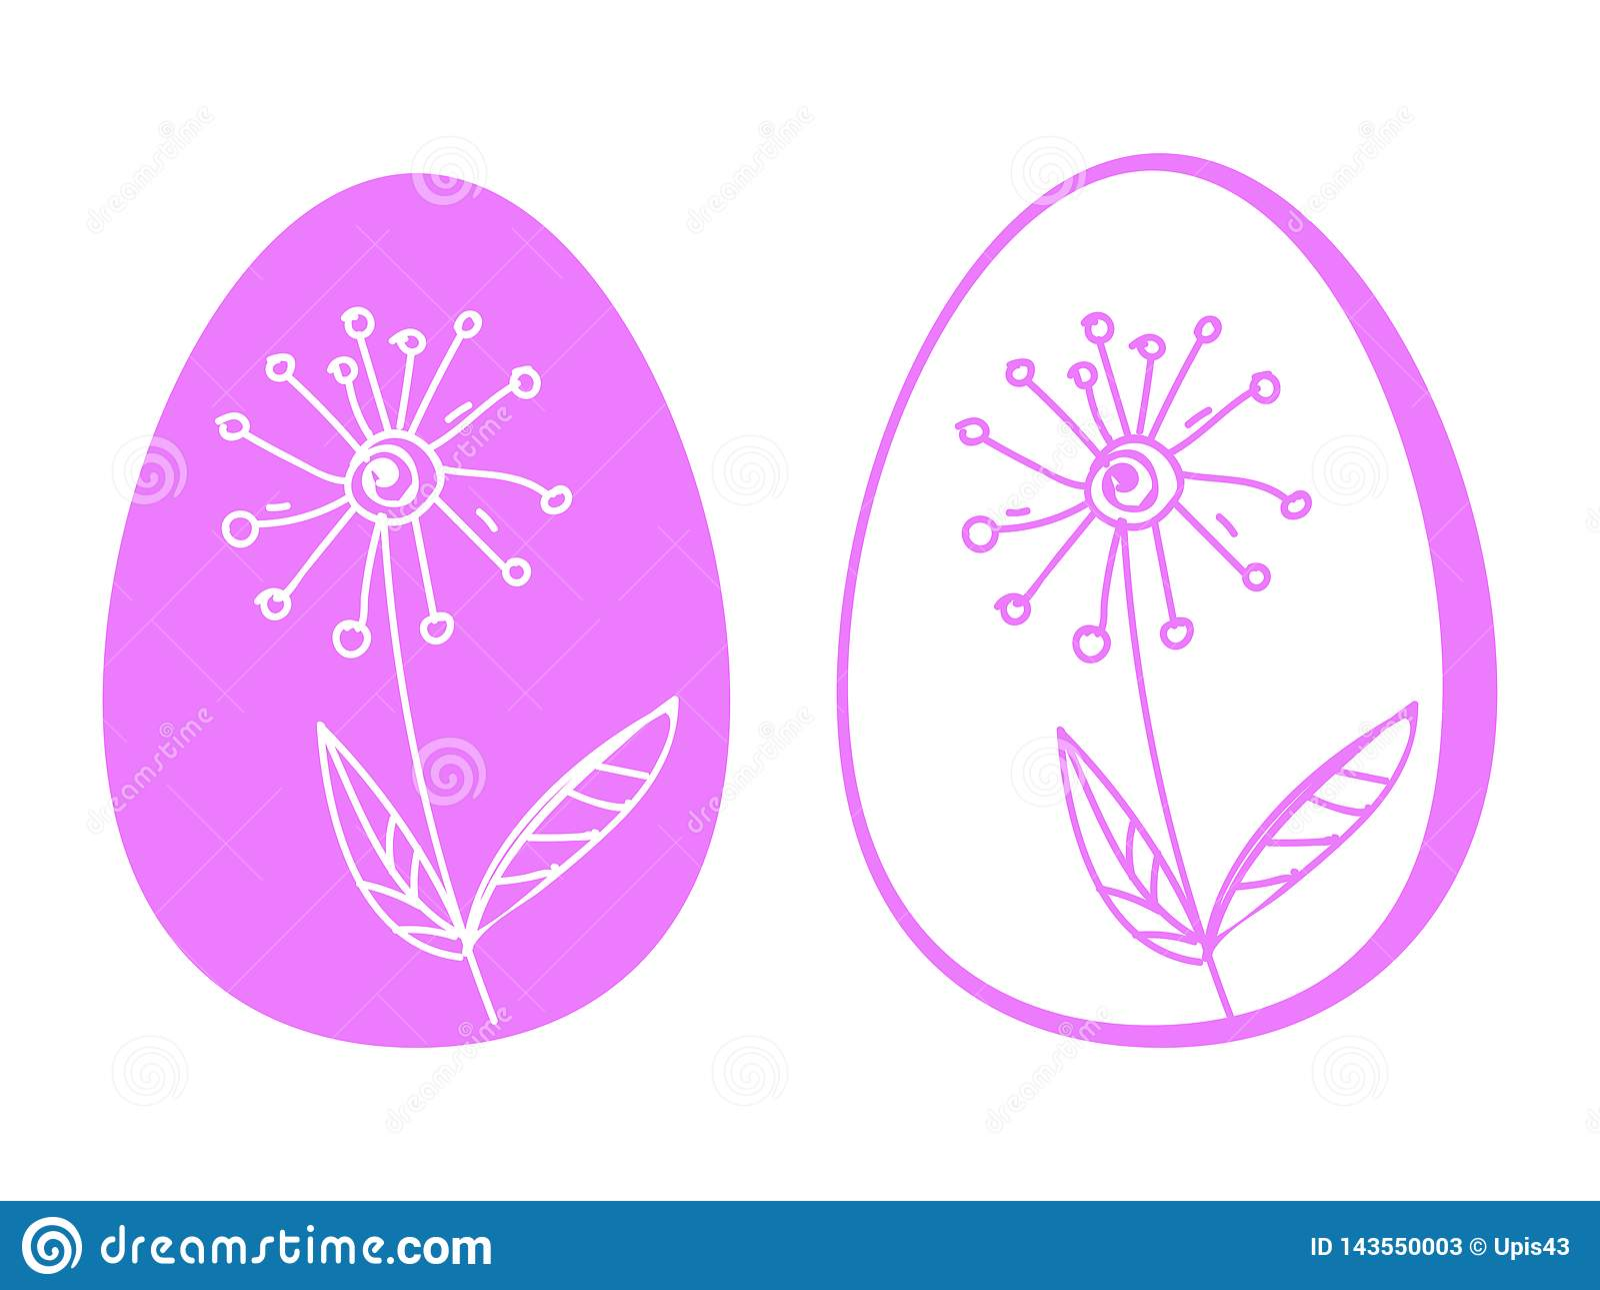 Ostereiblumen übergeben Zeichnung, soziale Netzwerke Gerade ein geregnet